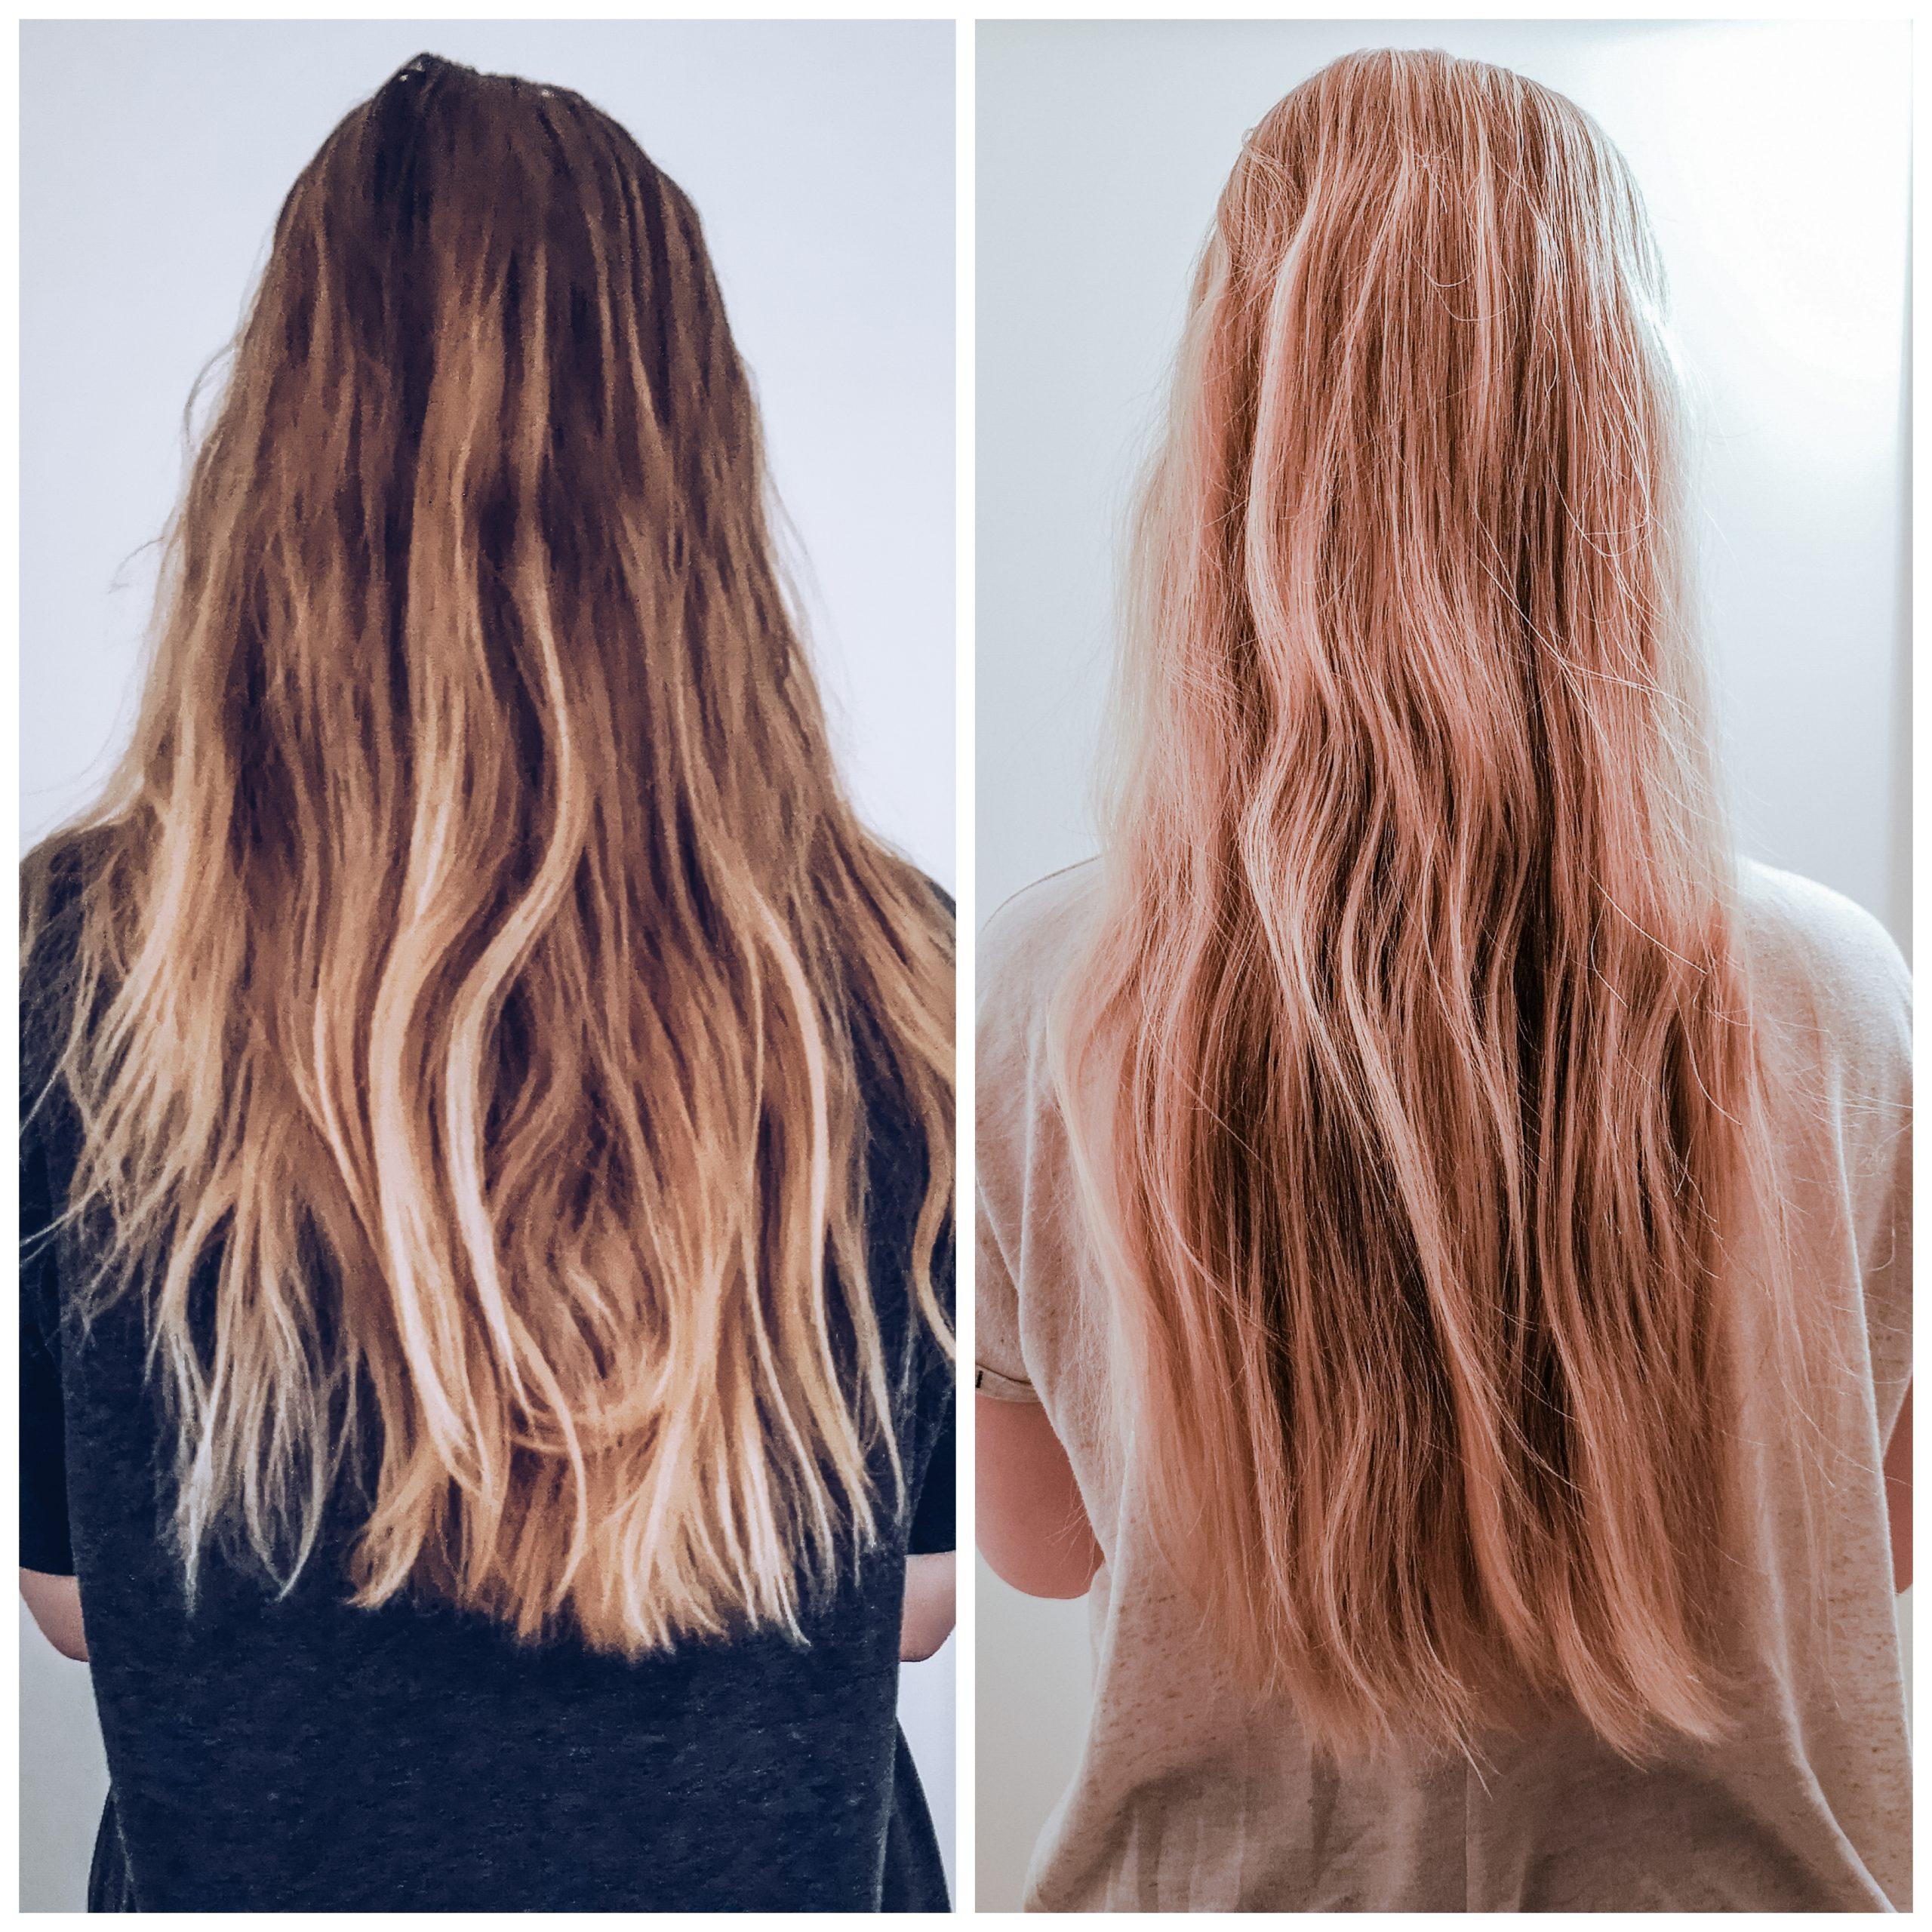 Sådan får du et hurtigt voksende og sundt hår